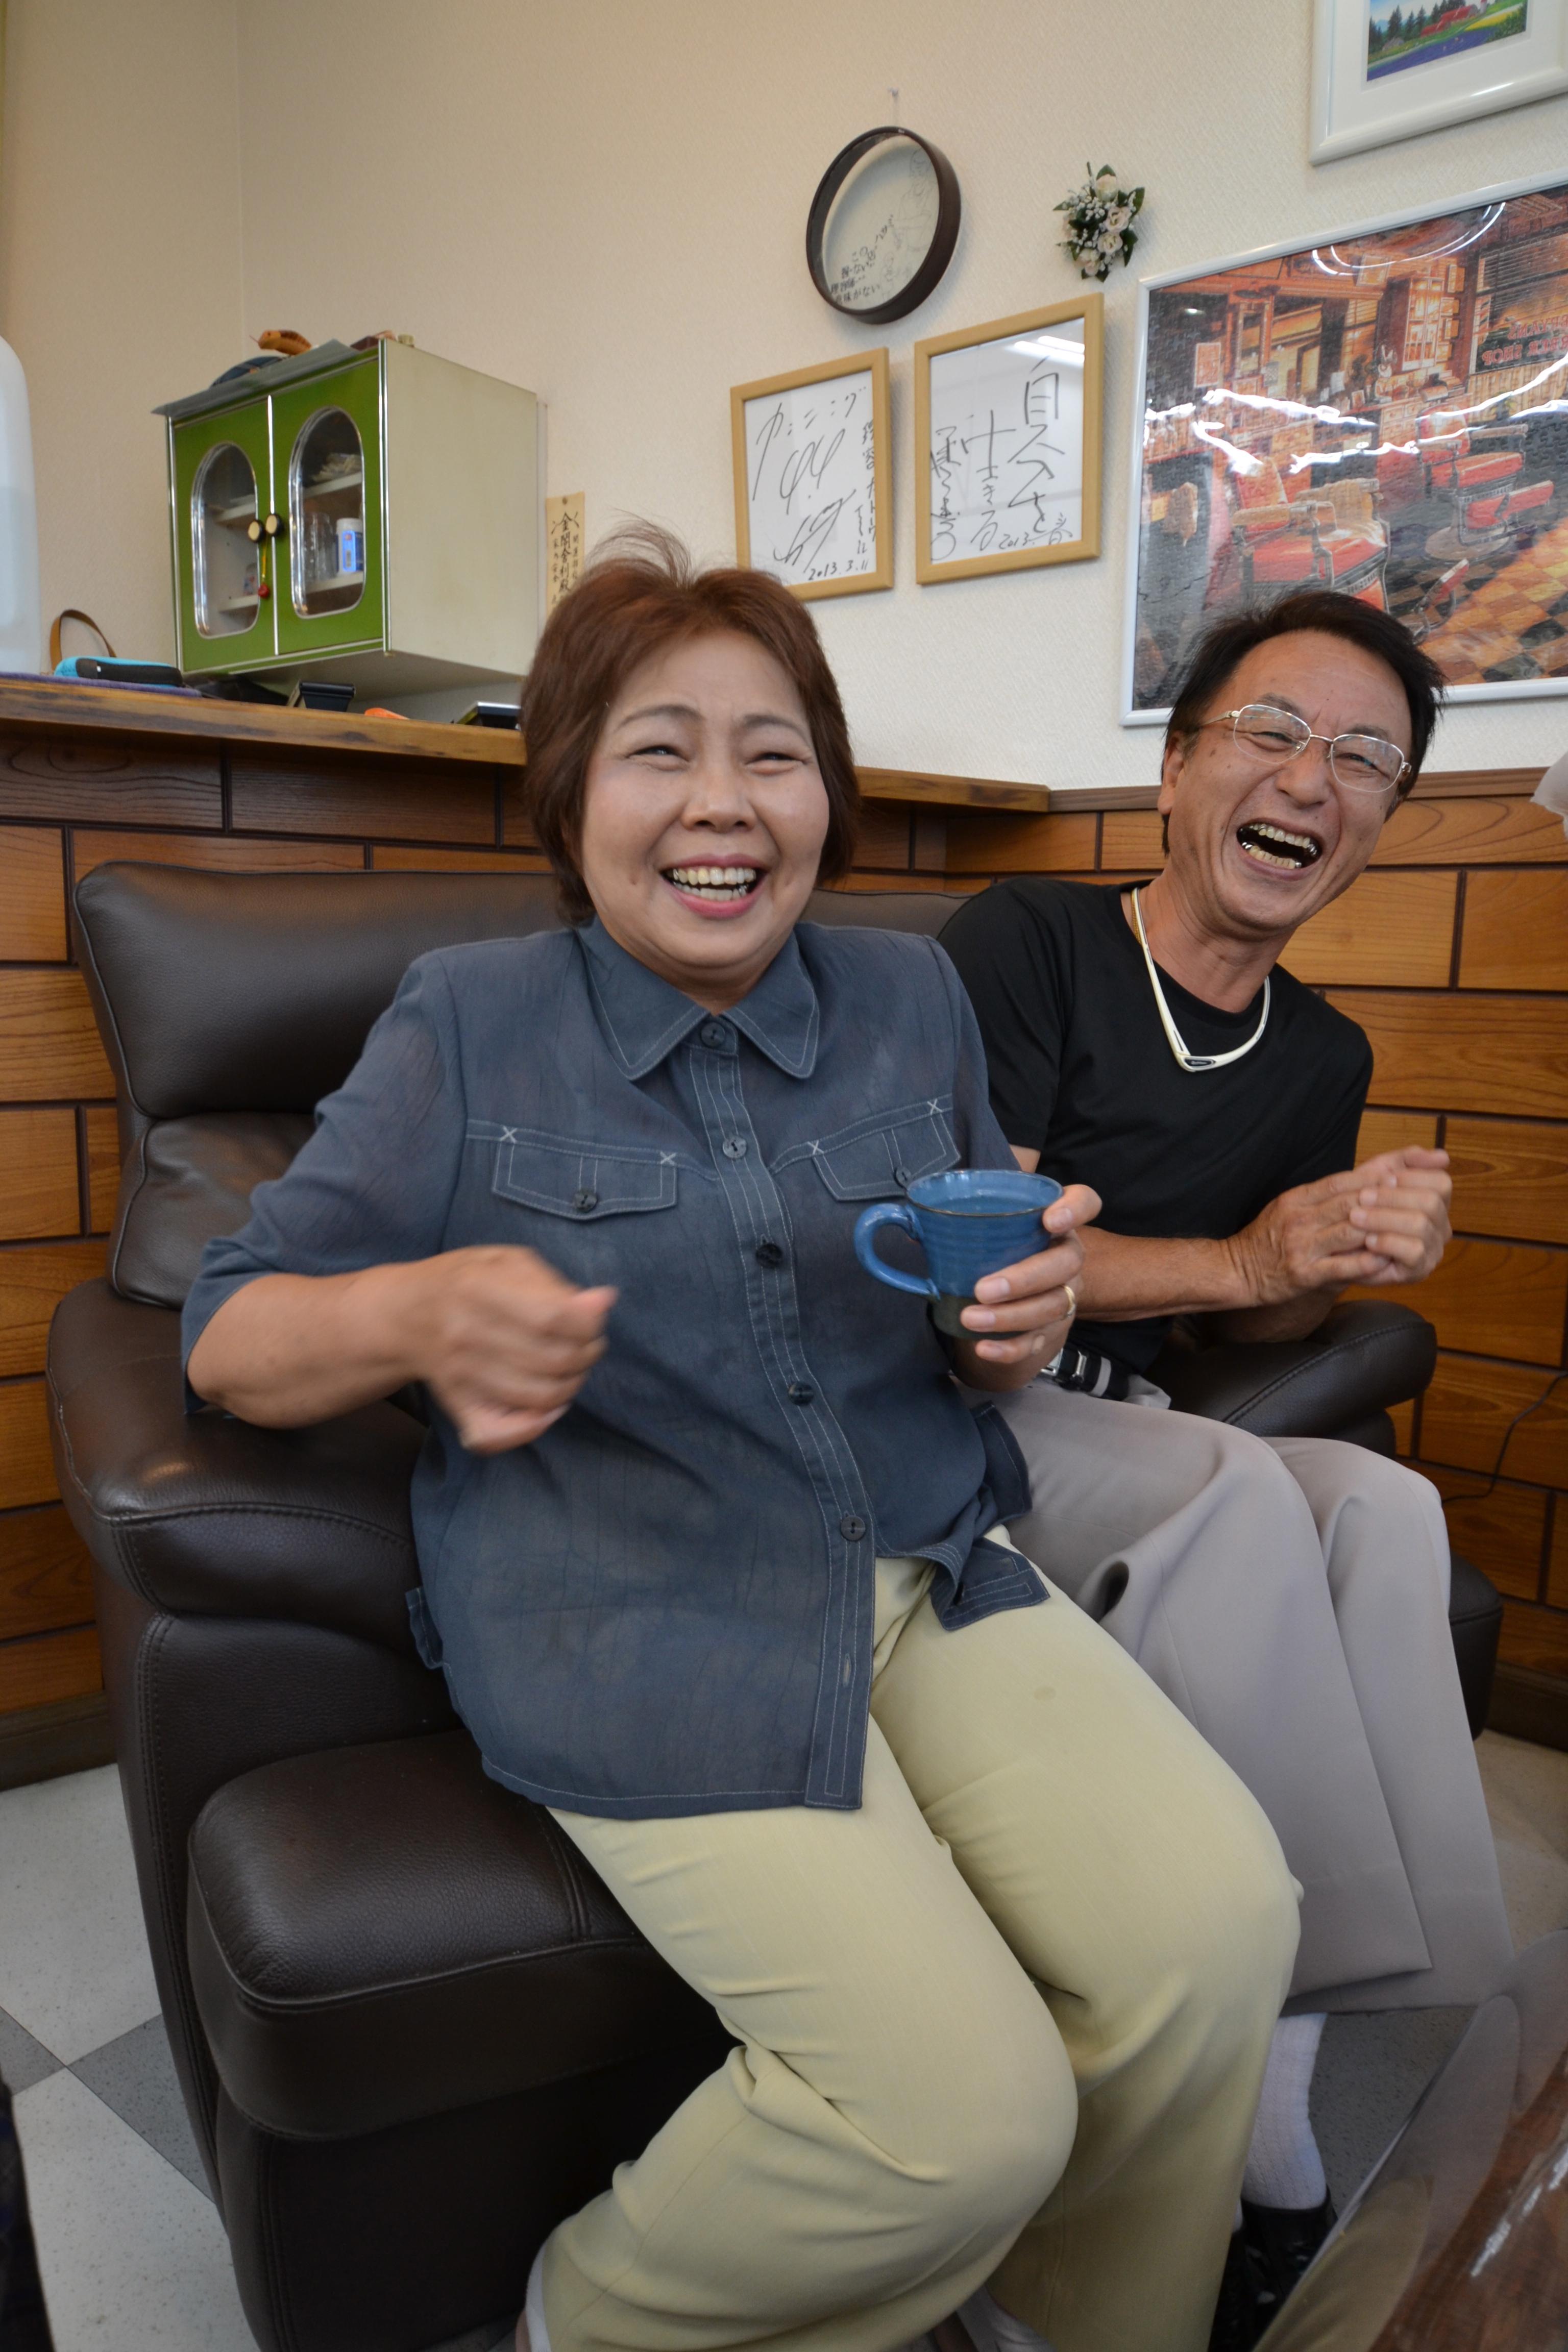 odaka barber & wife one chair.jpg